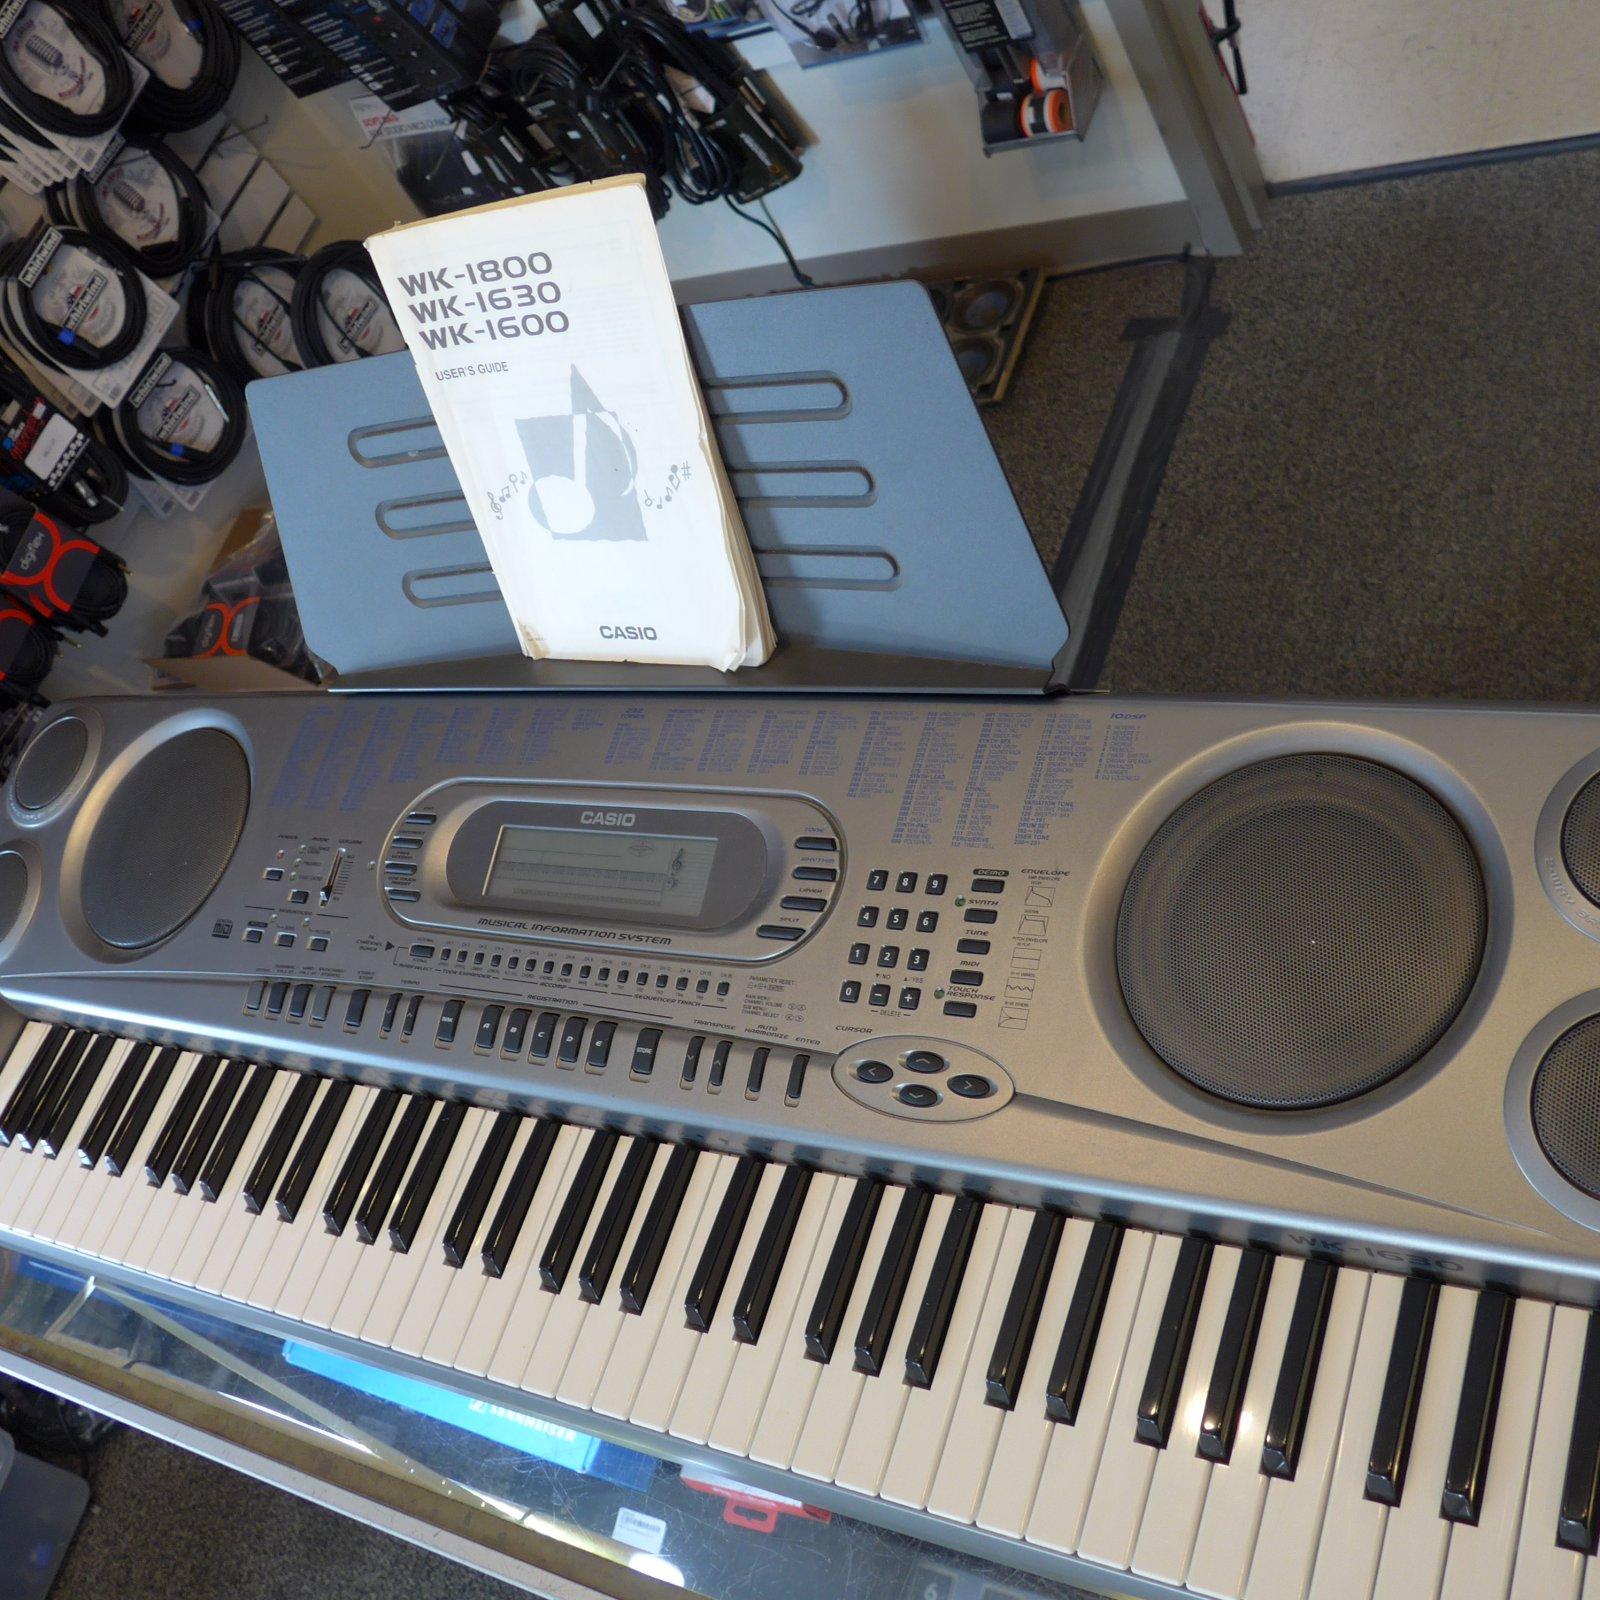 Casio WK1630 76 key (USED)